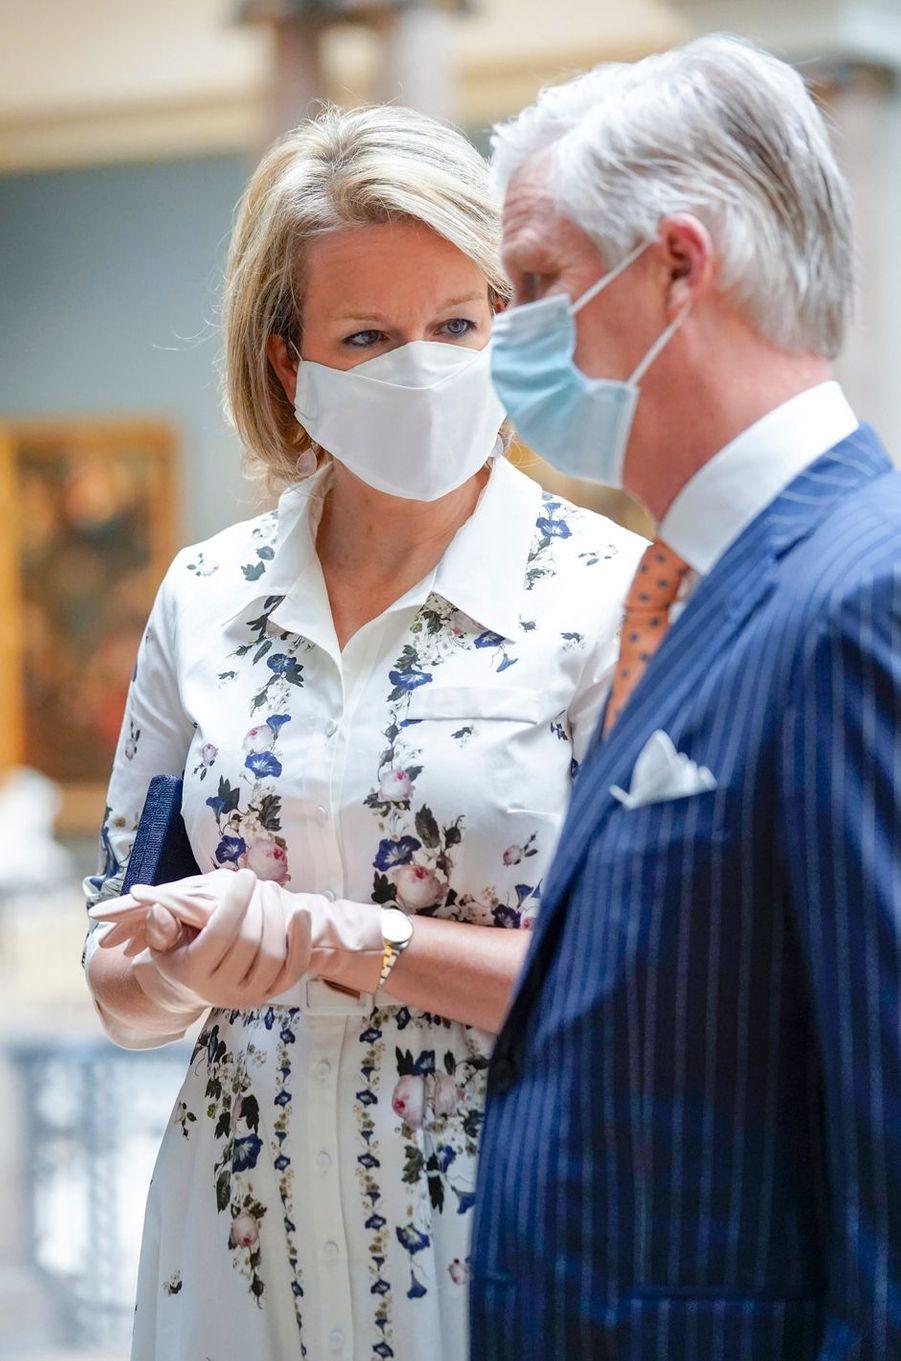 La reine Mathilde et le roi des Belges Philippe, masqués, au Musée Old Masters à Bruxelles, le 19 mai 2020